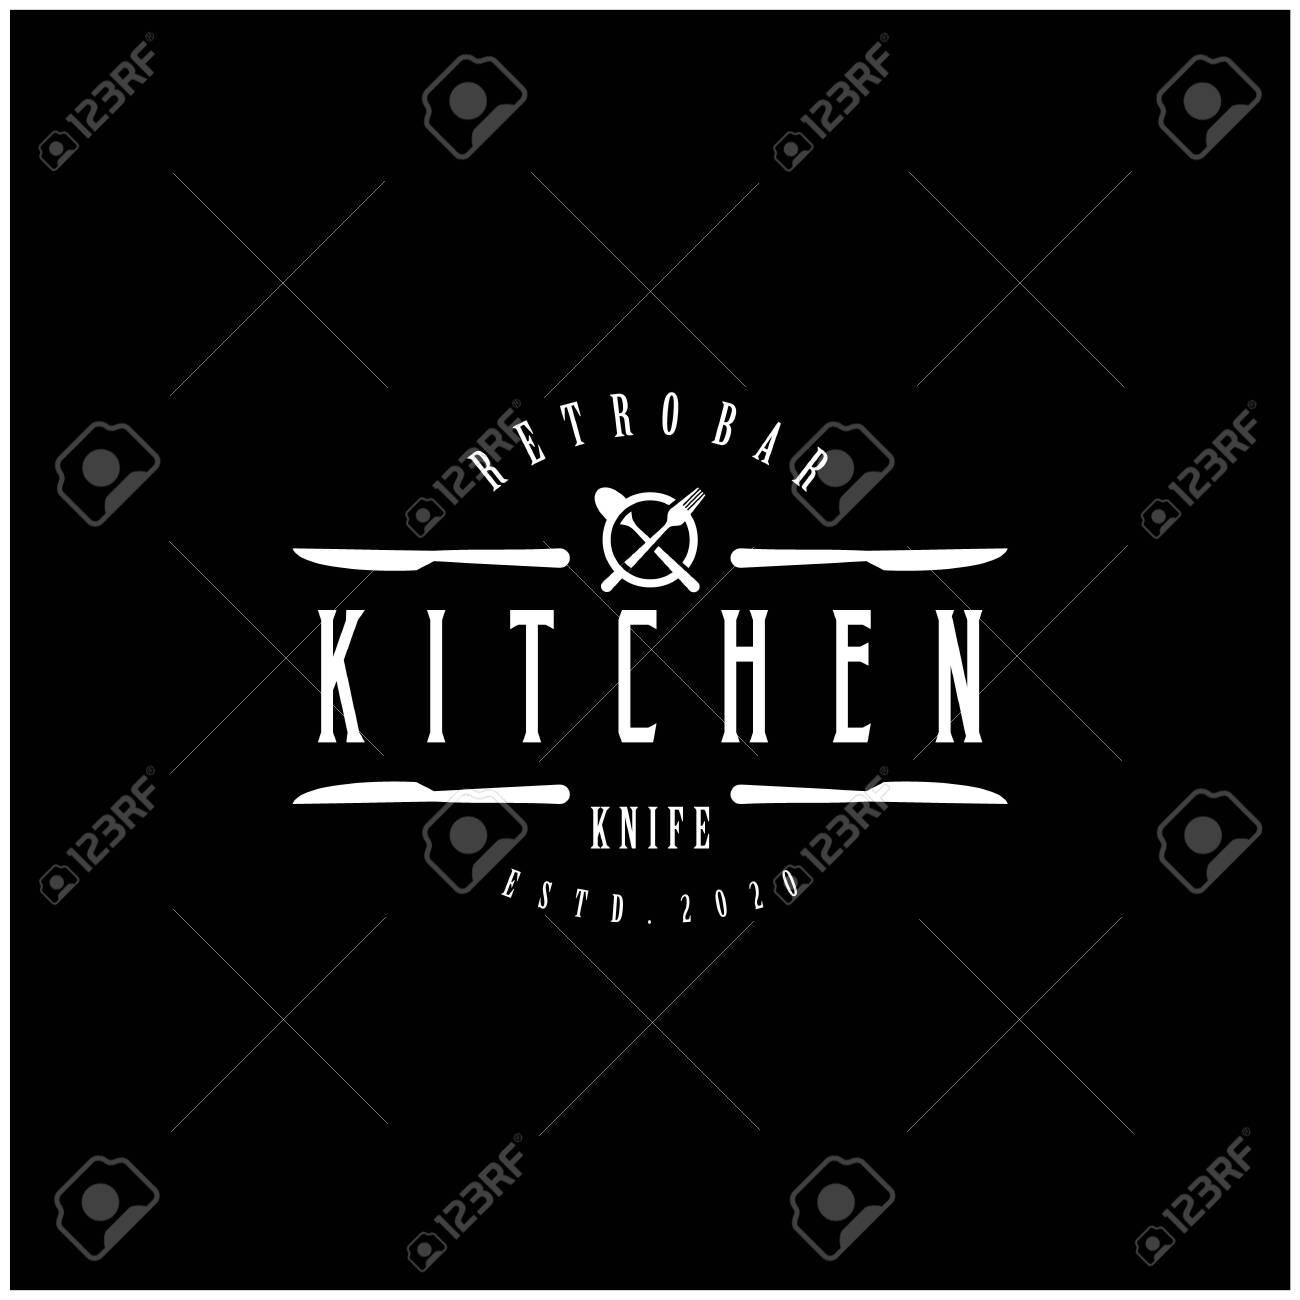 Vintage Classic Retro Label Badge Logo Design For Food Restaurant With Knife And Crossed Spoon And Fork Ilustraciones Vectoriales Clip Art Vectorizado Libre De Derechos Image 145907574